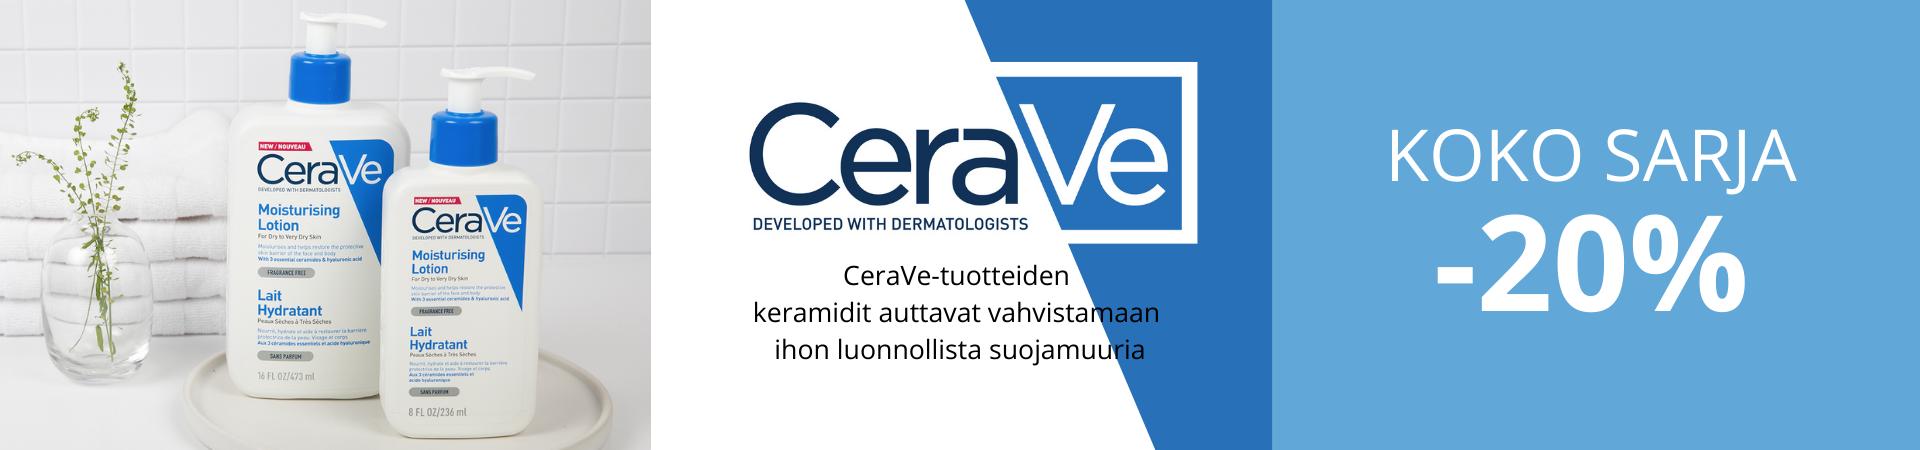 CeraVe -20%